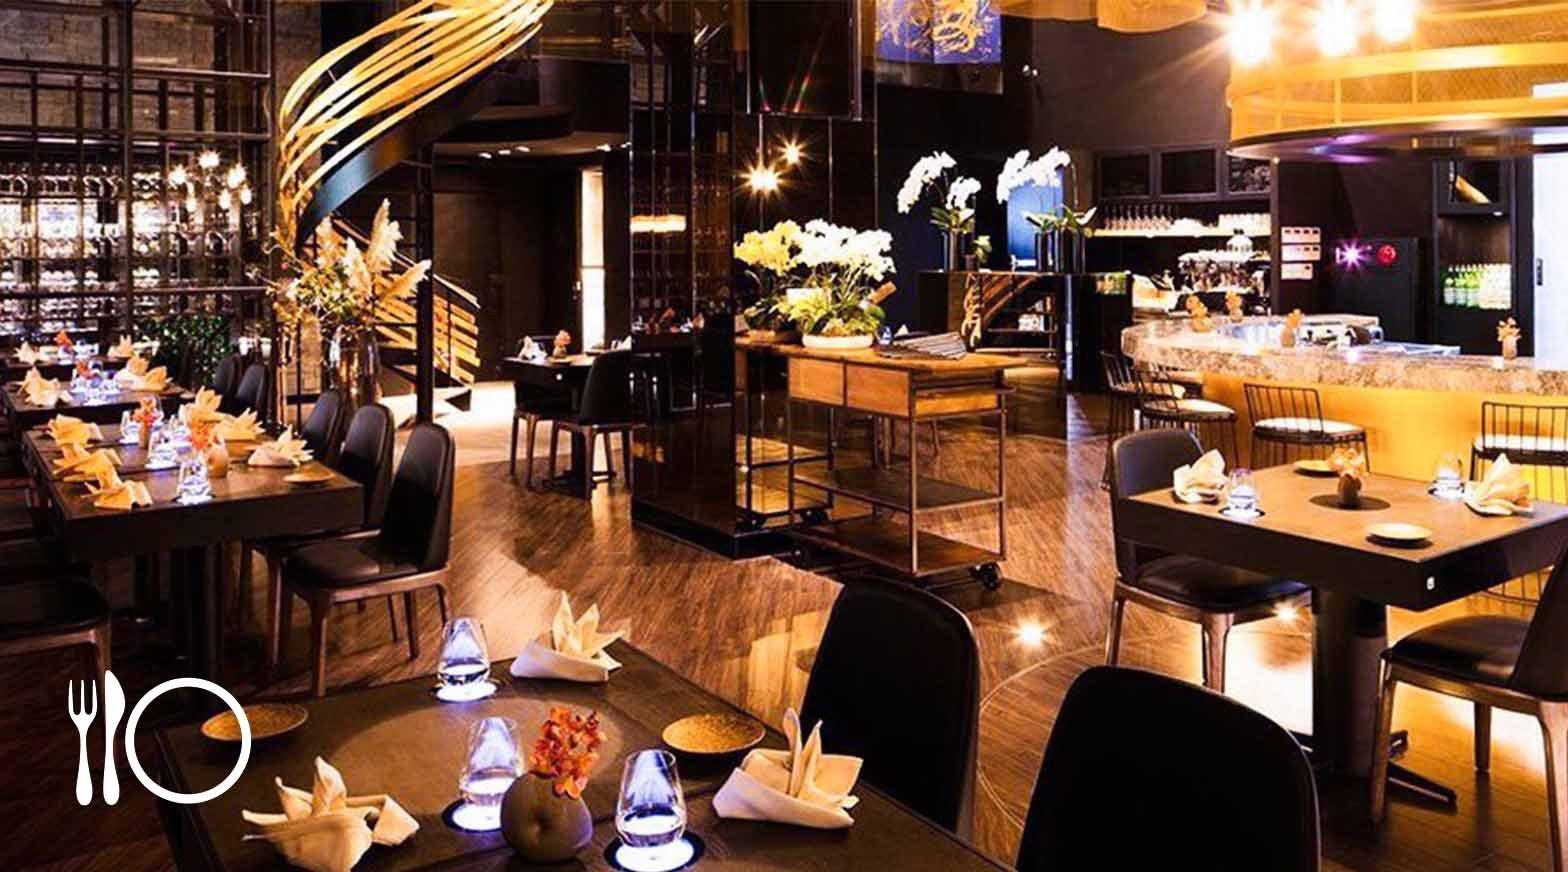 米其林餐盤 | 蘭餐廳-現場 1000 元折抵|贈 1 杯氣泡酒